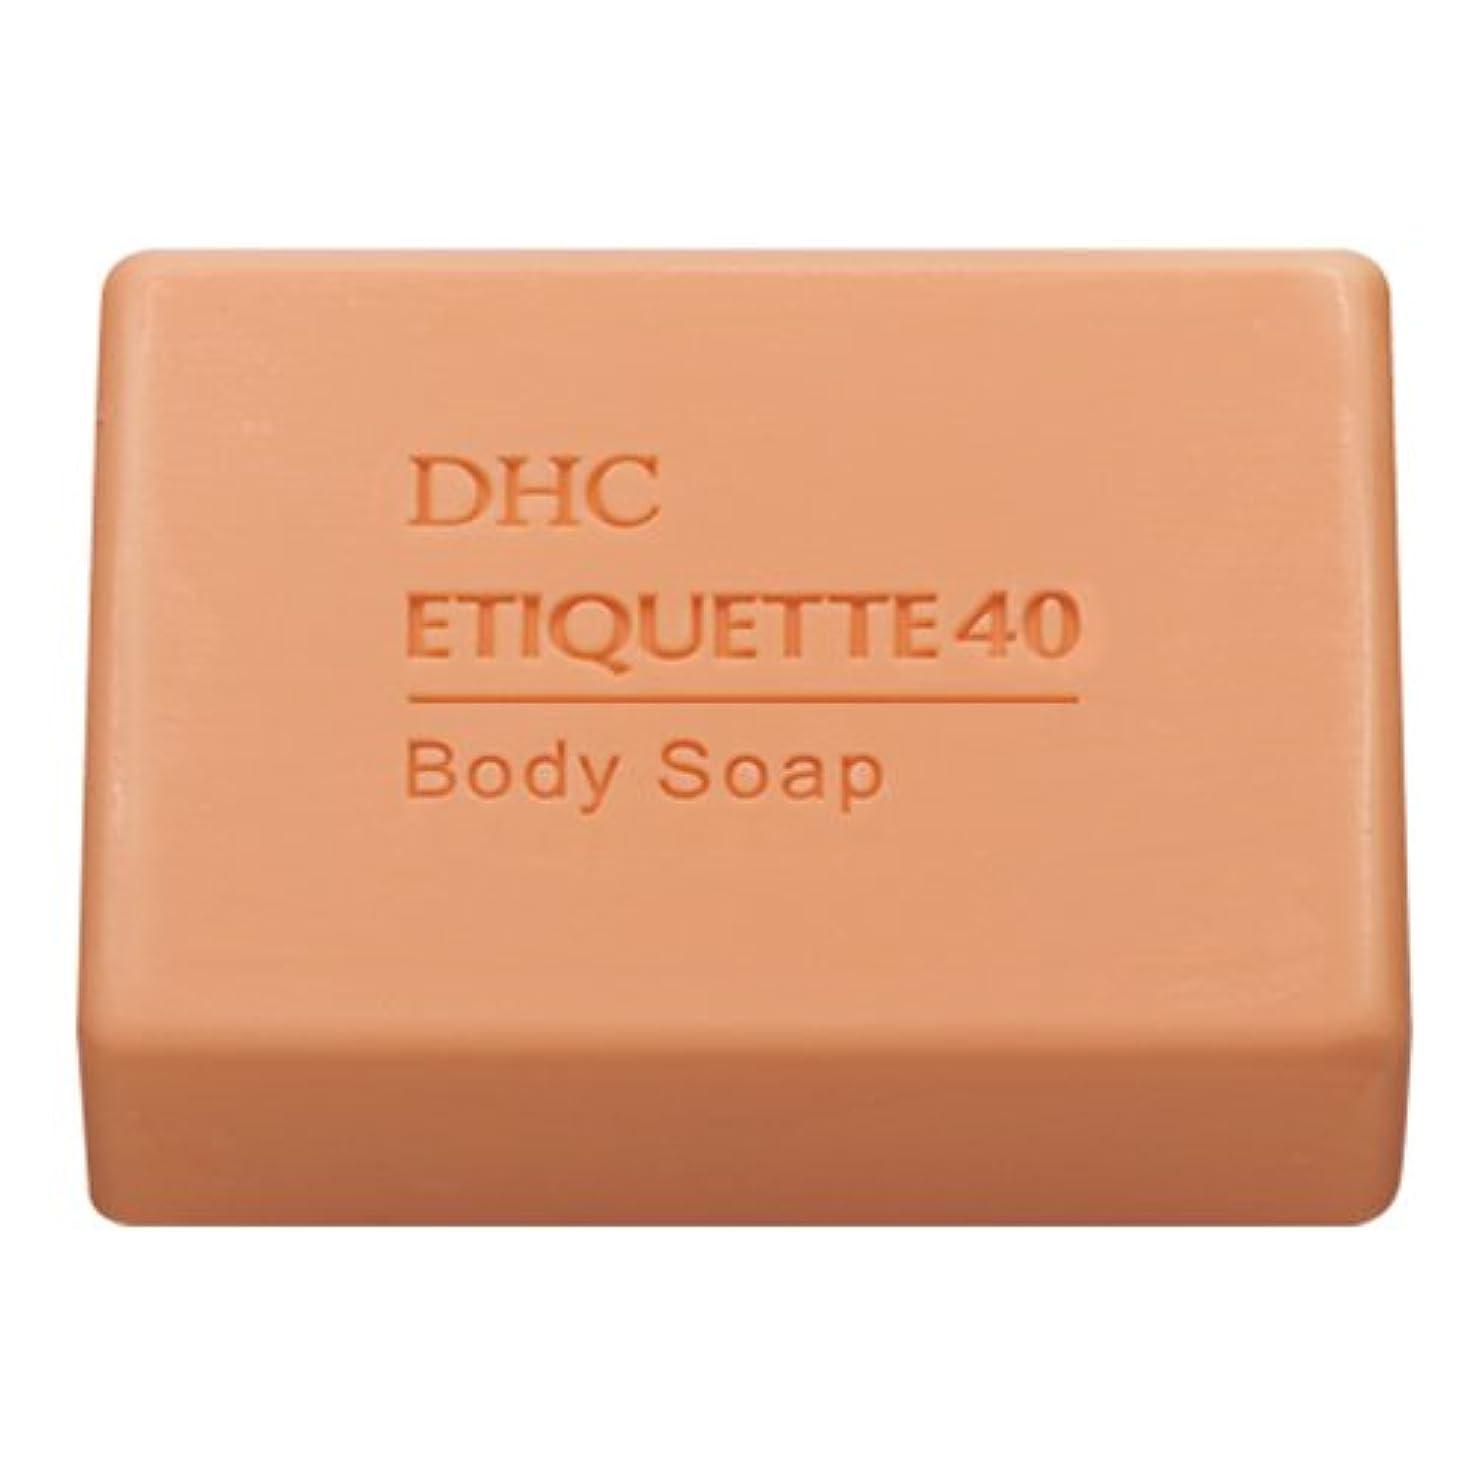 あらゆる種類の適切な日【医薬部外品】DHC薬用エチケット40 ボディソープ